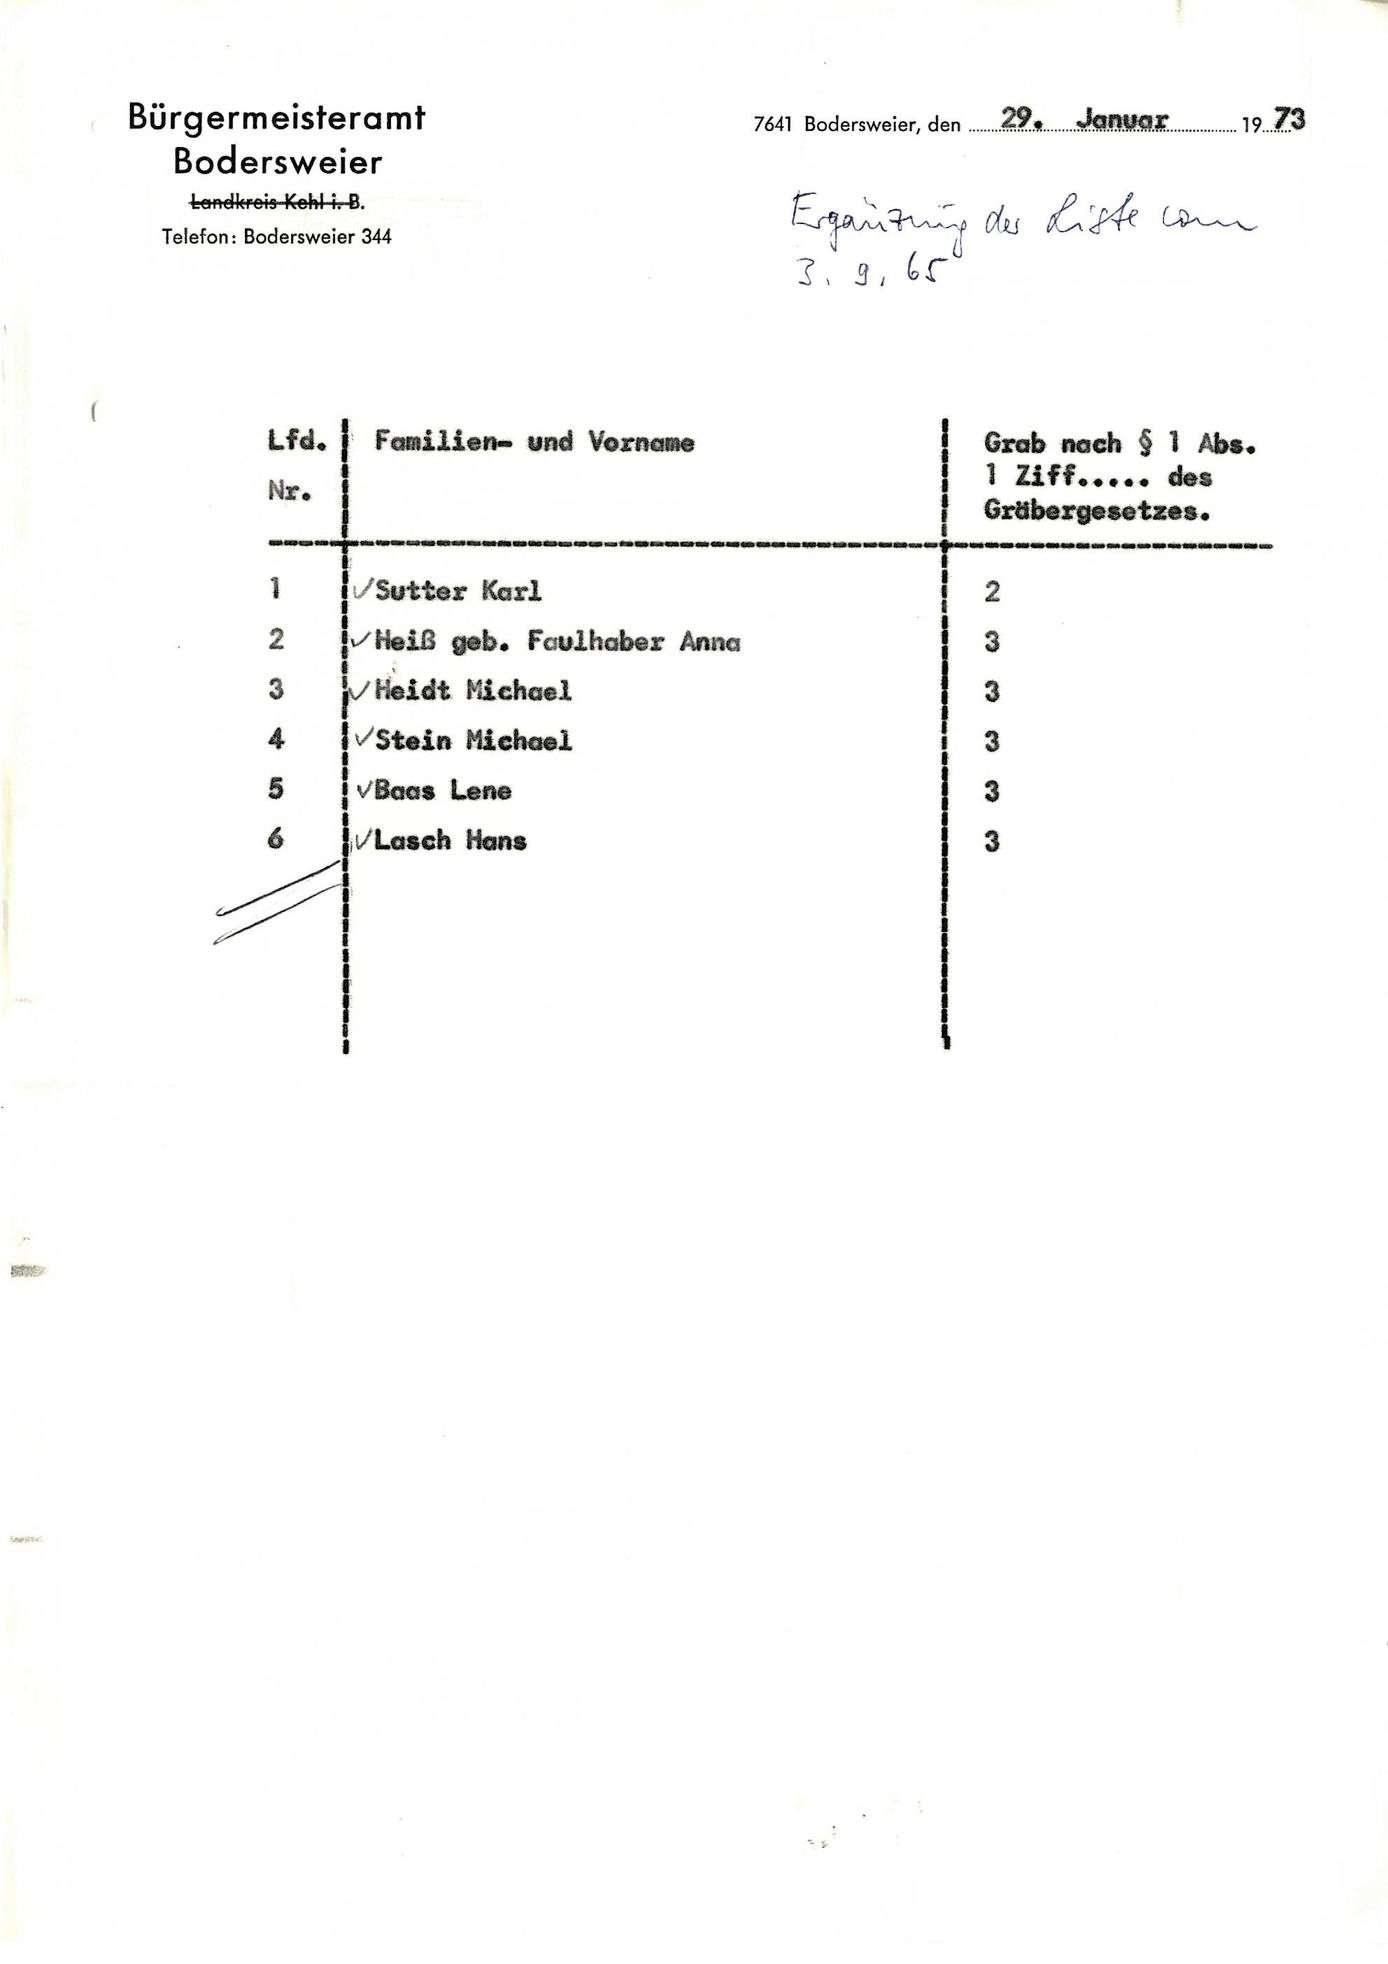 Bodersweier, Bild 2